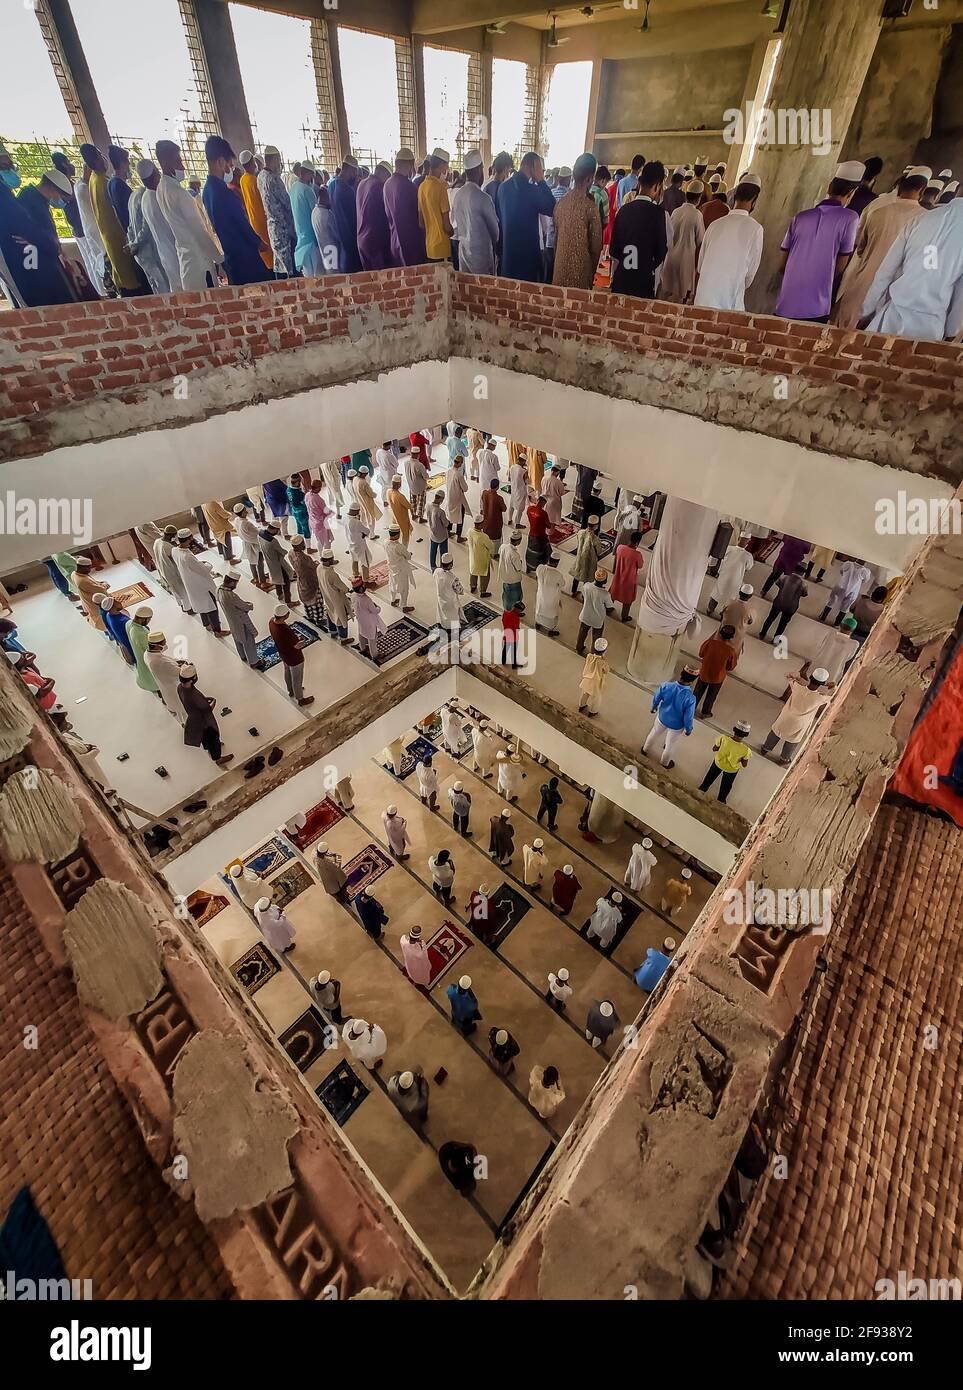 Barishal, Barishal, Bangladesh. 16 Apr 2021. Nonostante la situazione di blocco nel Paese, dove quasi 20 persone sono autorizzate a pregare in una moschea alla volta, la gente non si preoccupa il Govt. Protocollo di salute e prendere la loro preghiera di Jummah durante il mese Santo in Ramadan in un numero enorme ad una moschea è città di Barishal, Bangladesh senza mantenere un minimo di distanza sociale e molti di loro non ha messo una maschera anche. Credit: Mustasinur Rahman Alvi/ZUMA Wire/Alamy Live News Foto Stock